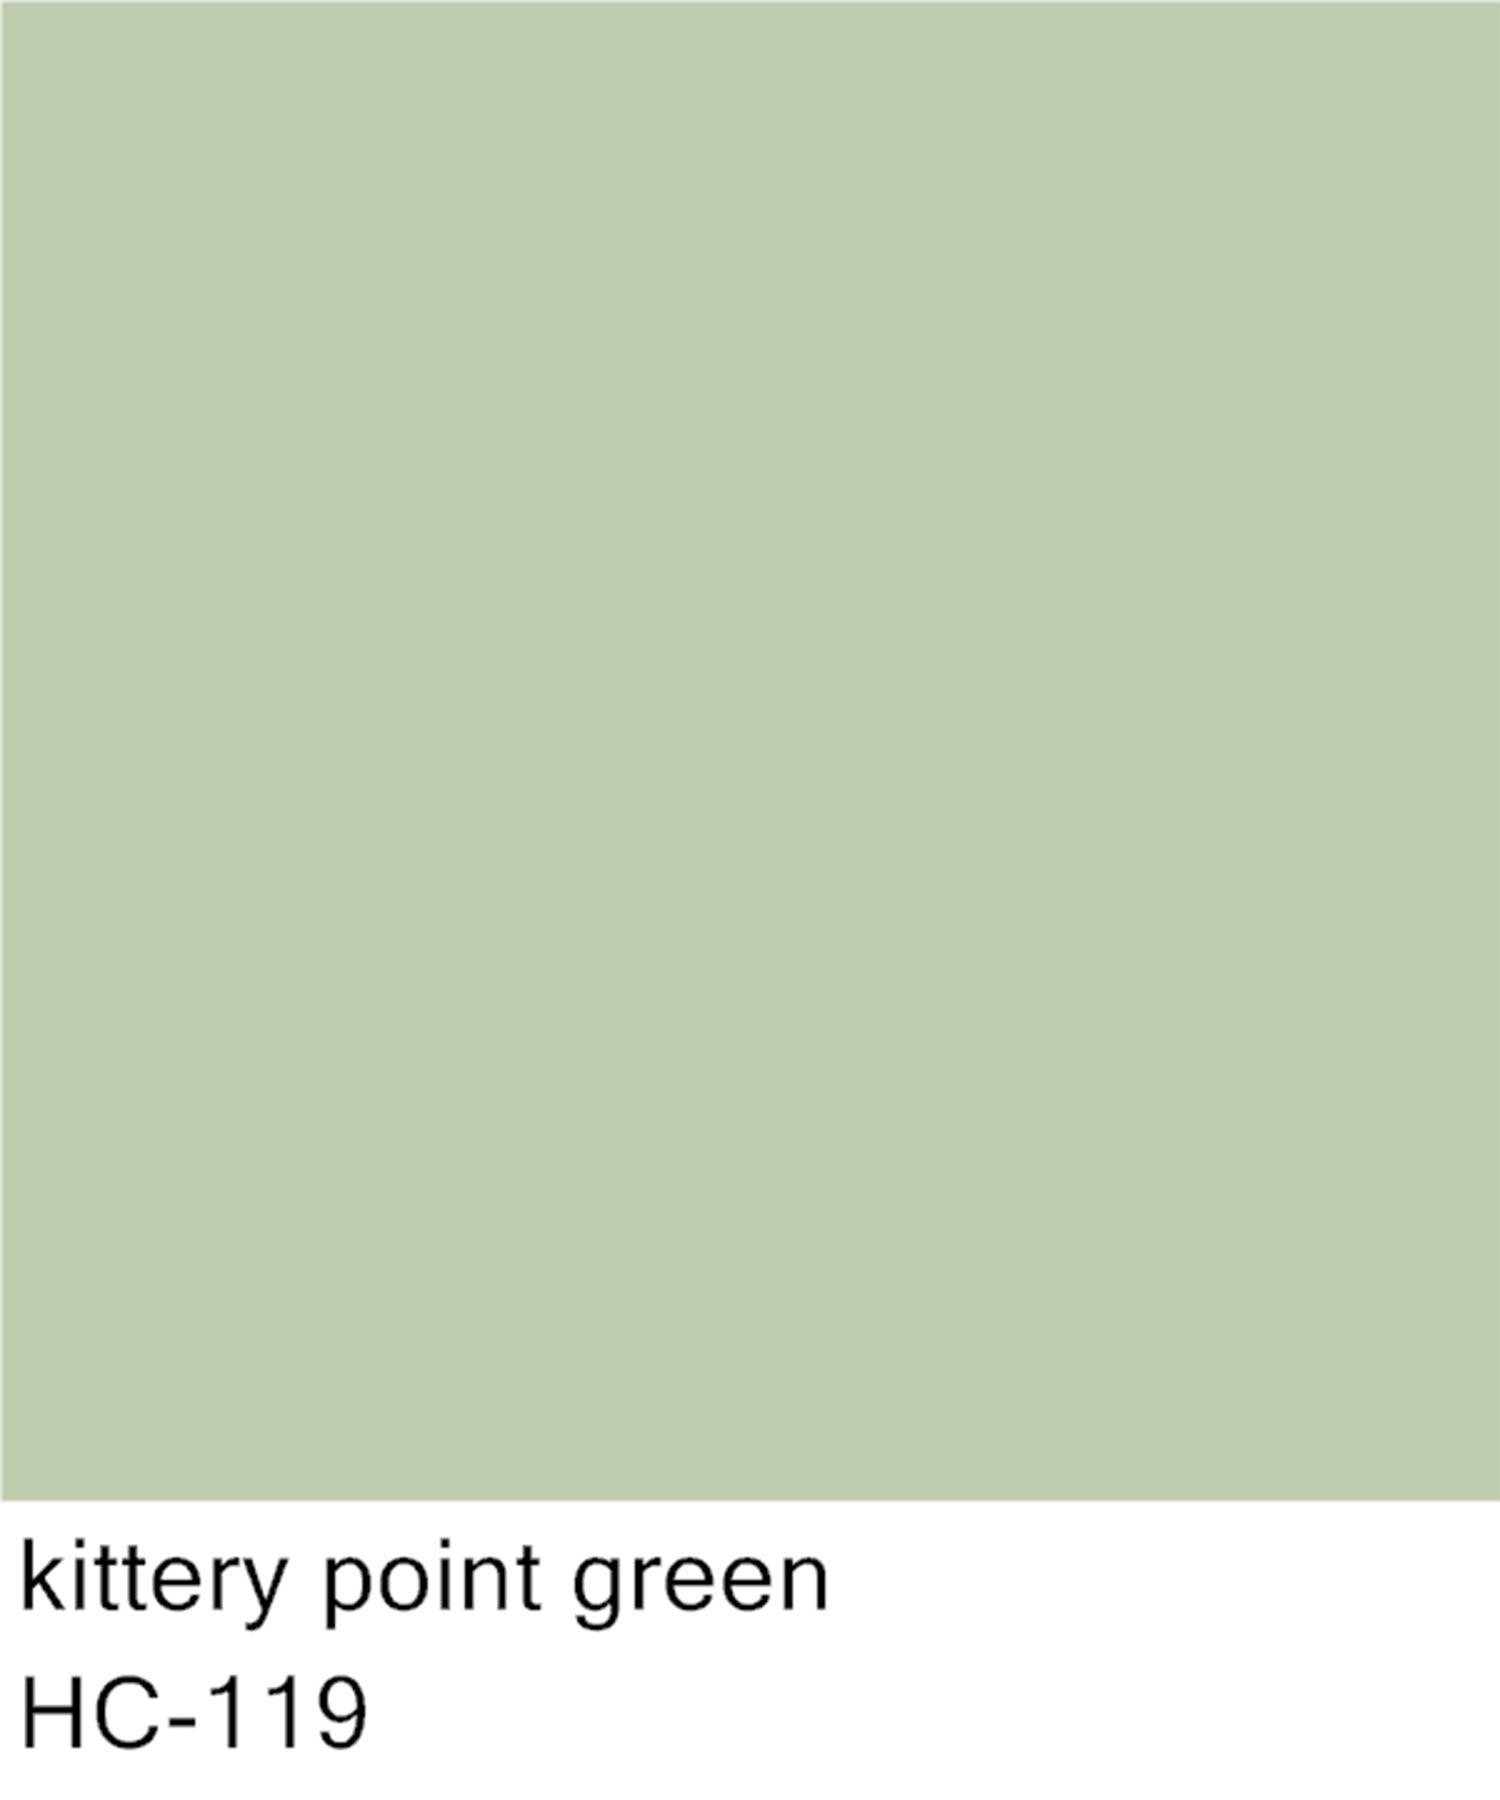 kitterypointgreen_HC-119-OPT.jpg